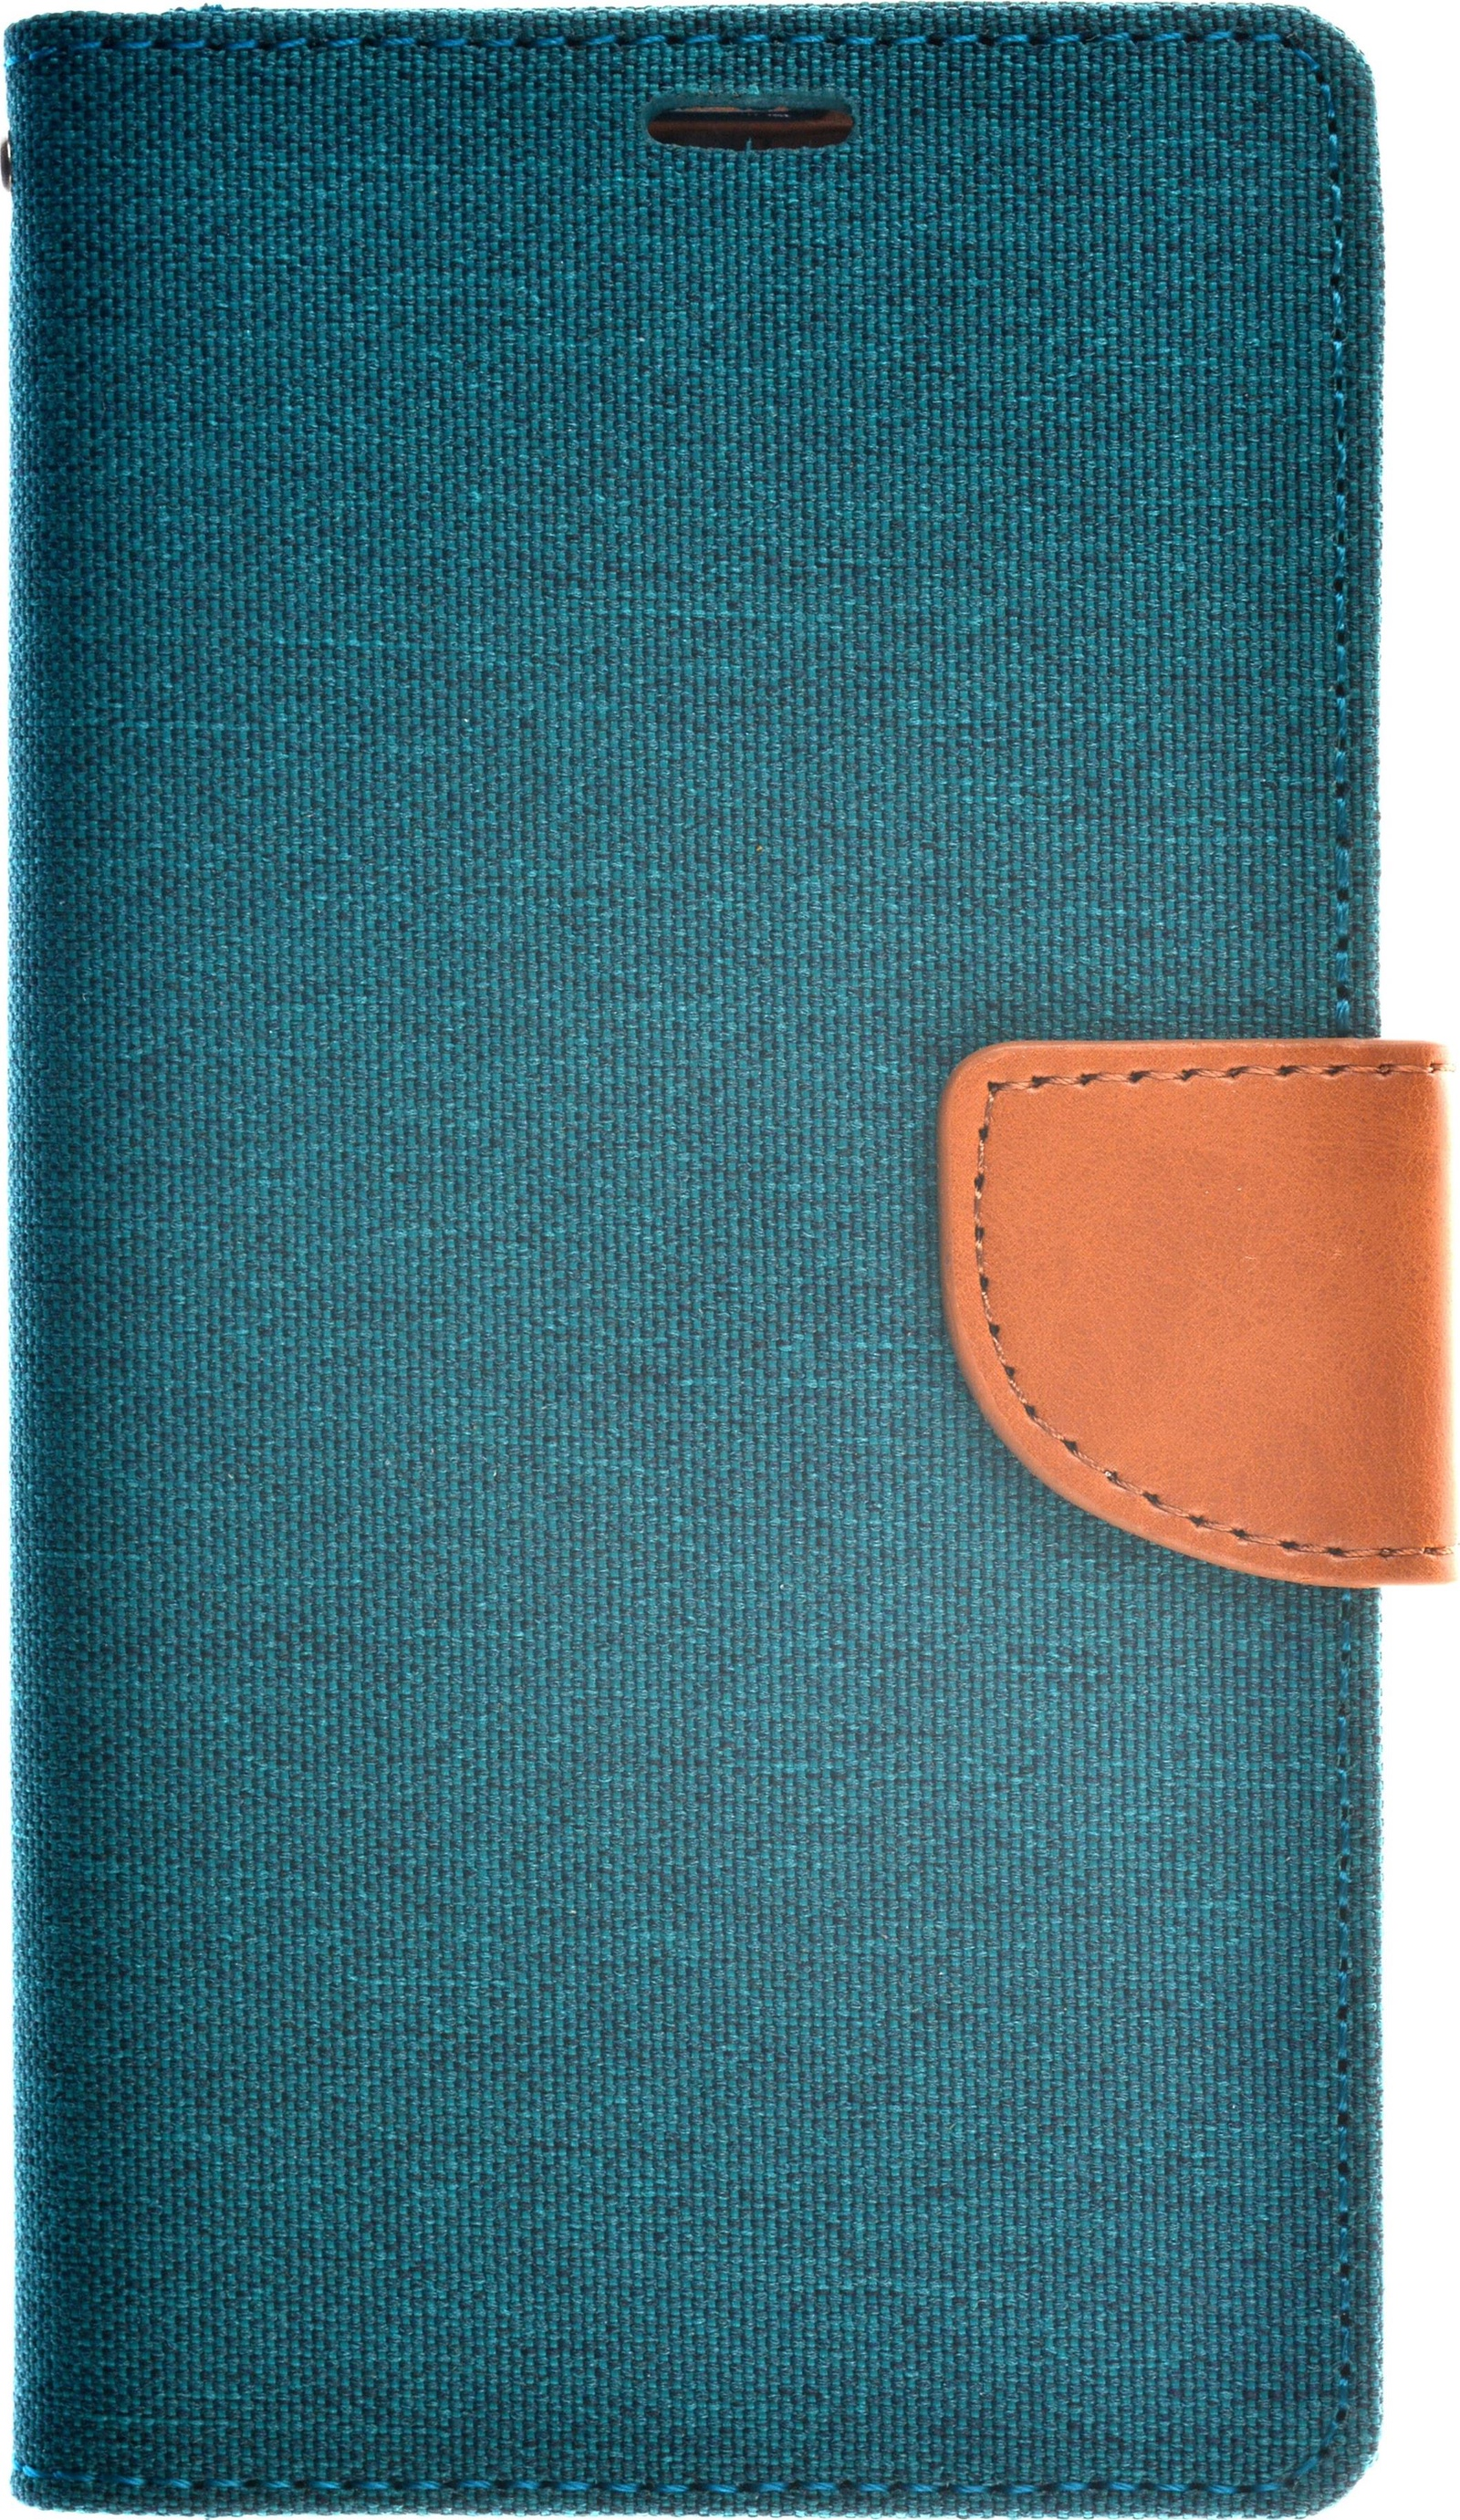 Чехол для сотового телефона skinBOX MS, 4660041407297, зеленый стоимость